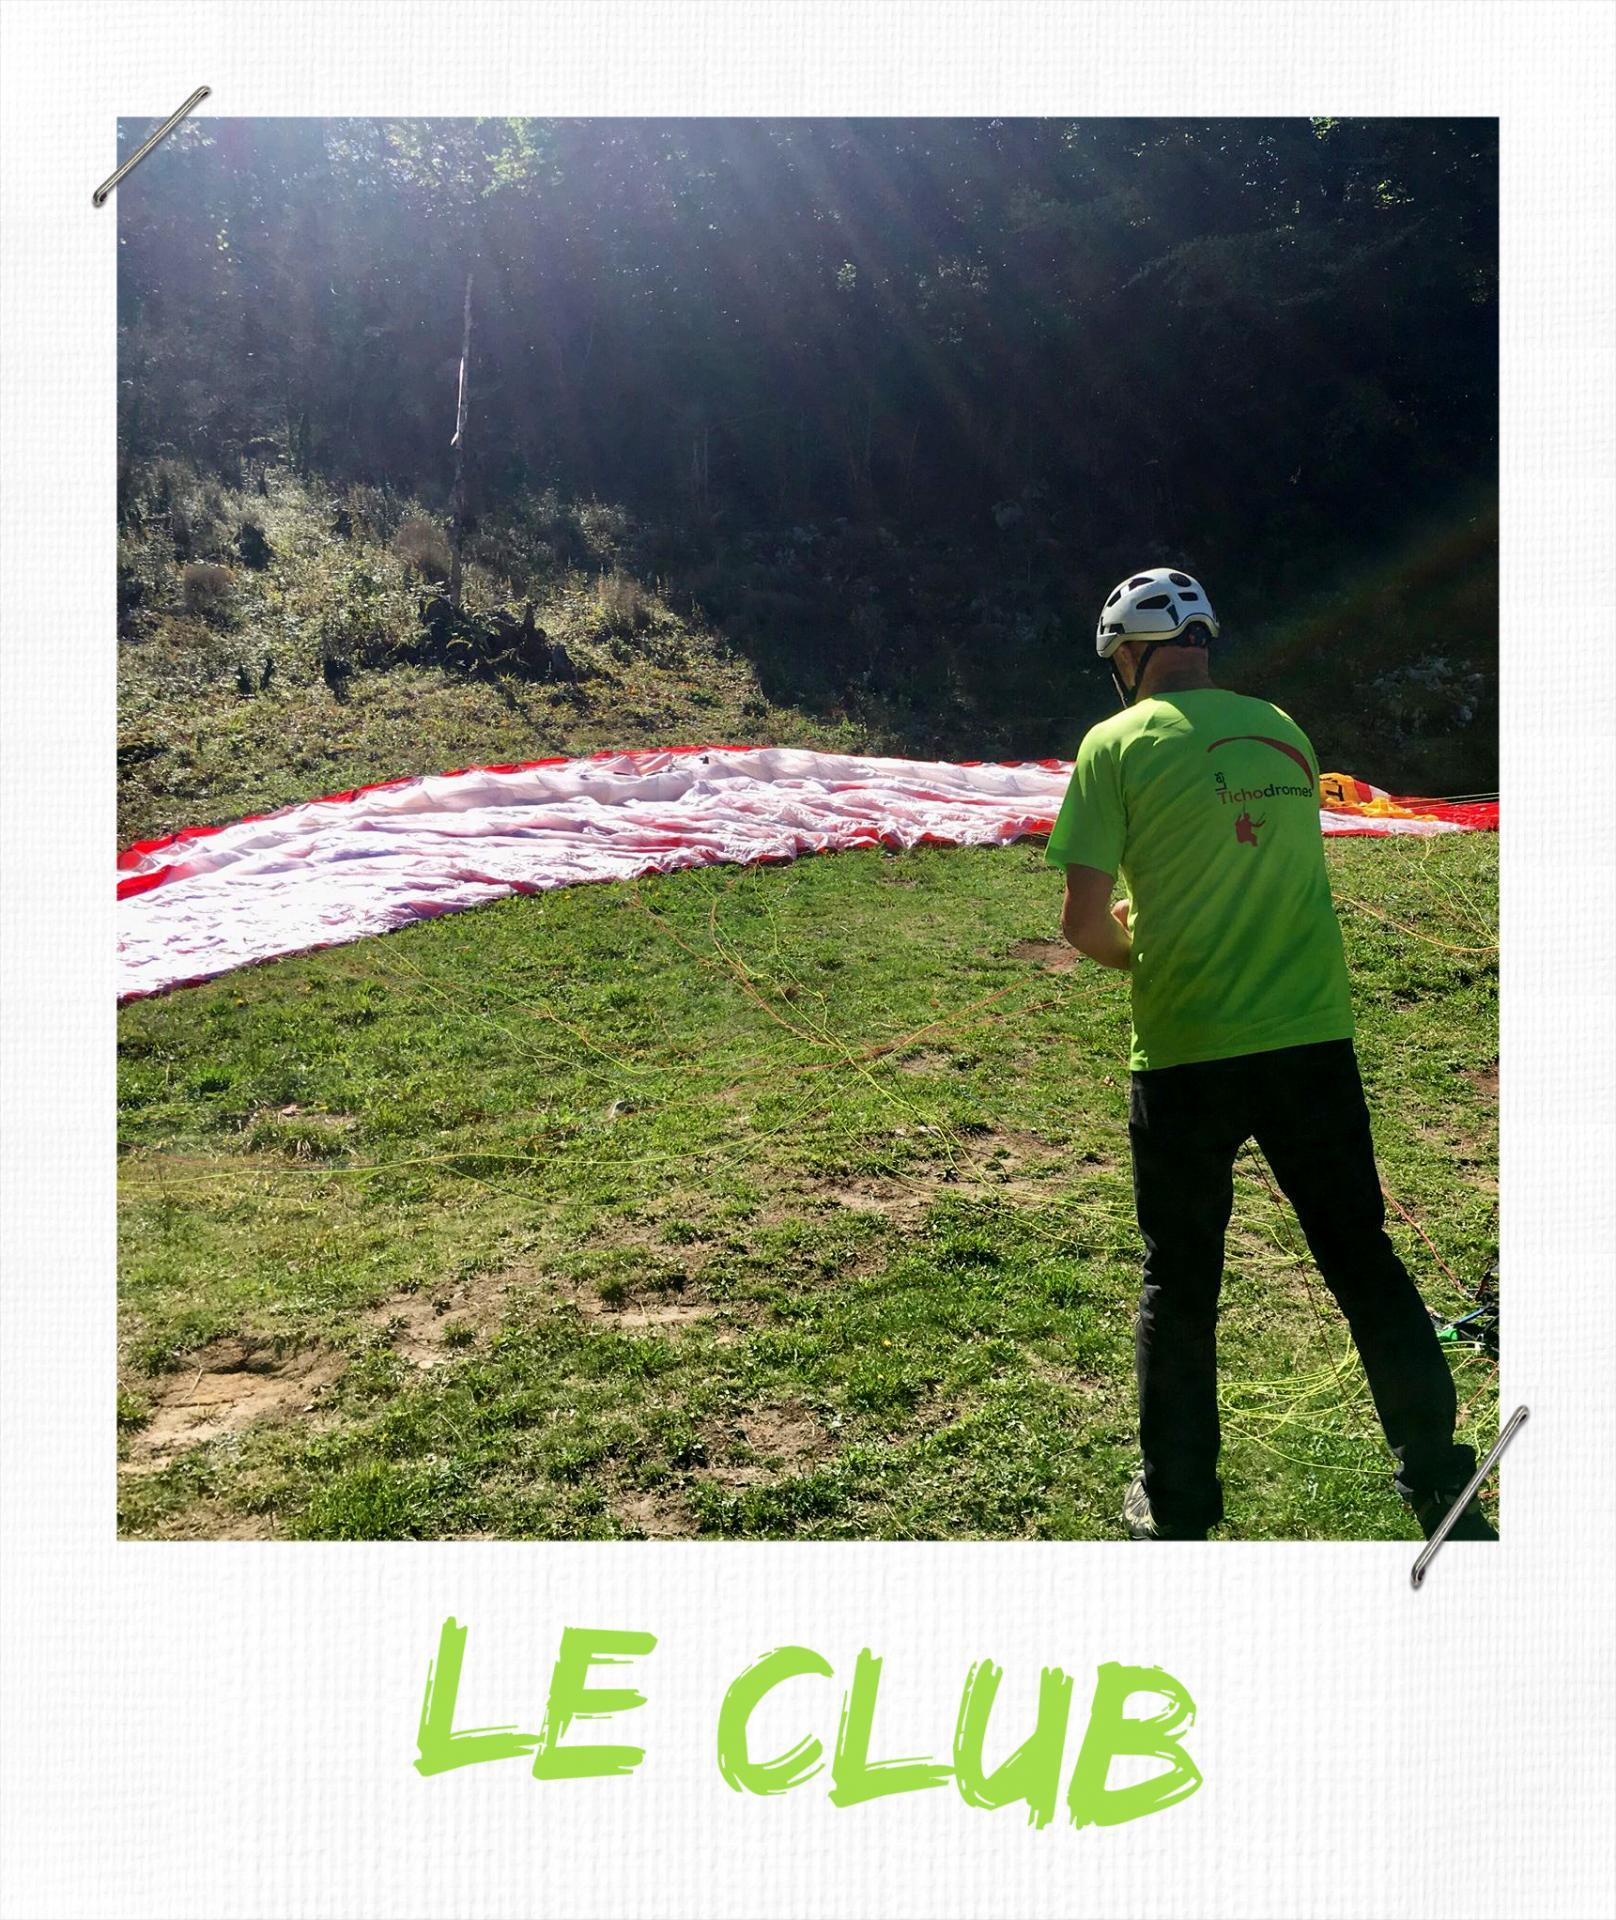 Le club2 1